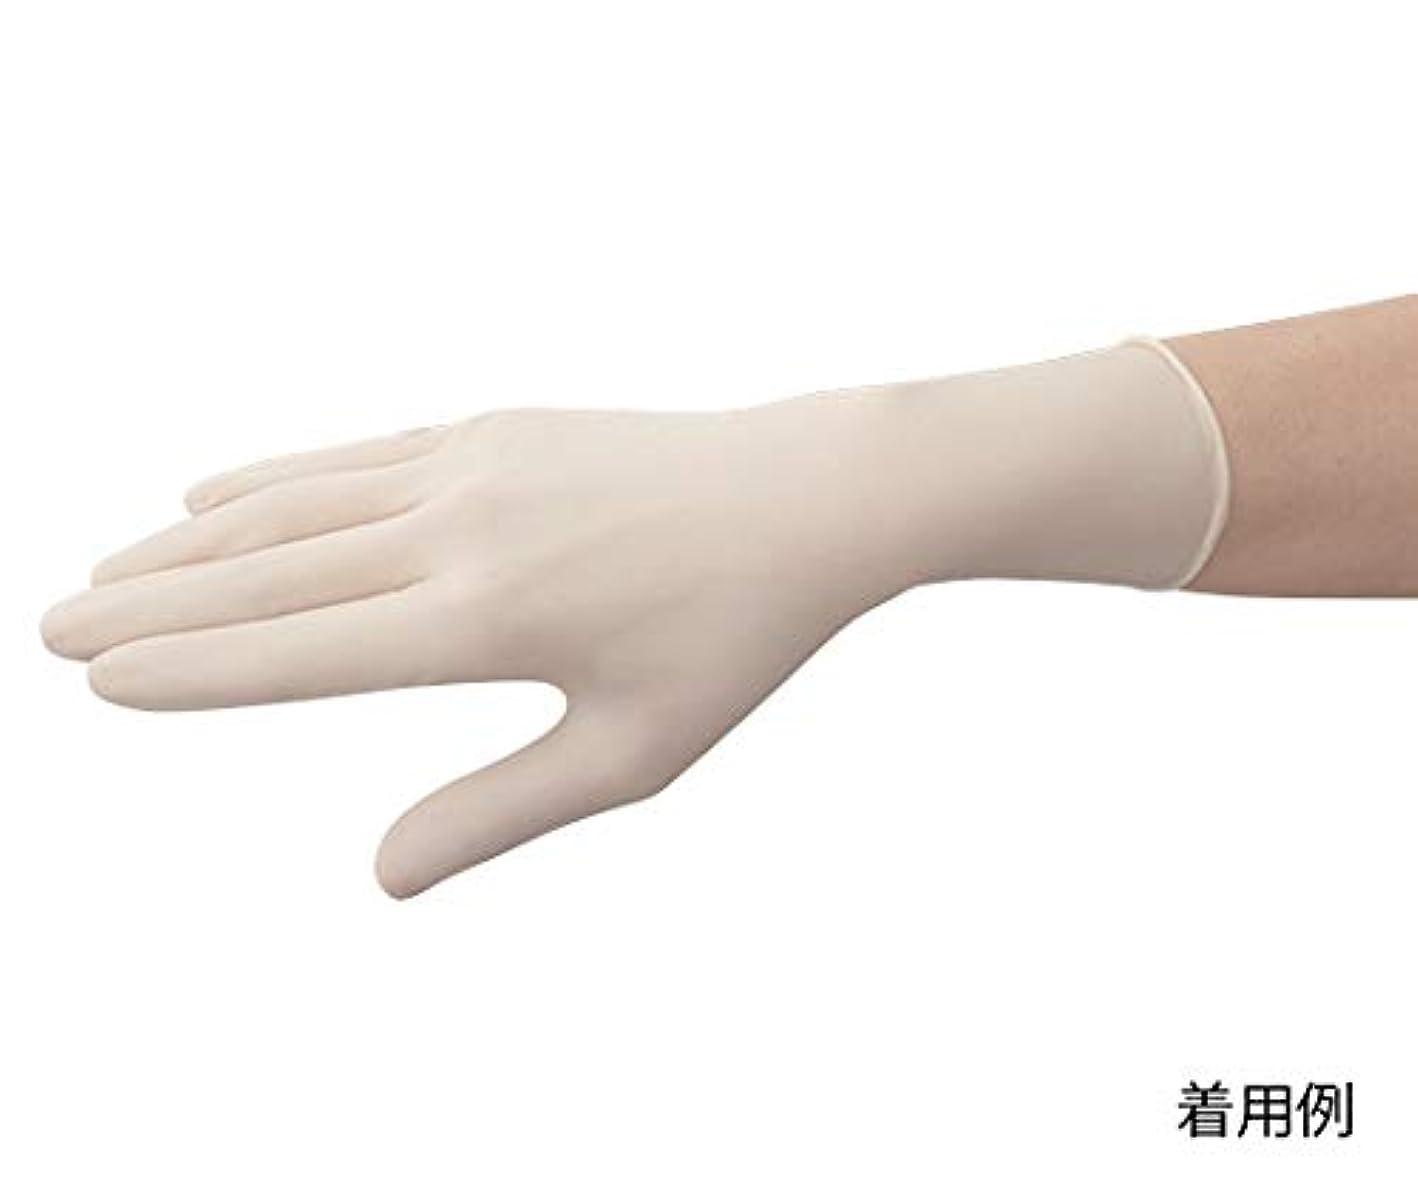 収まるバルセロナギャップ東レ?メディカル 手術用手袋メディグリップ パウダーフリー50双 8160MG